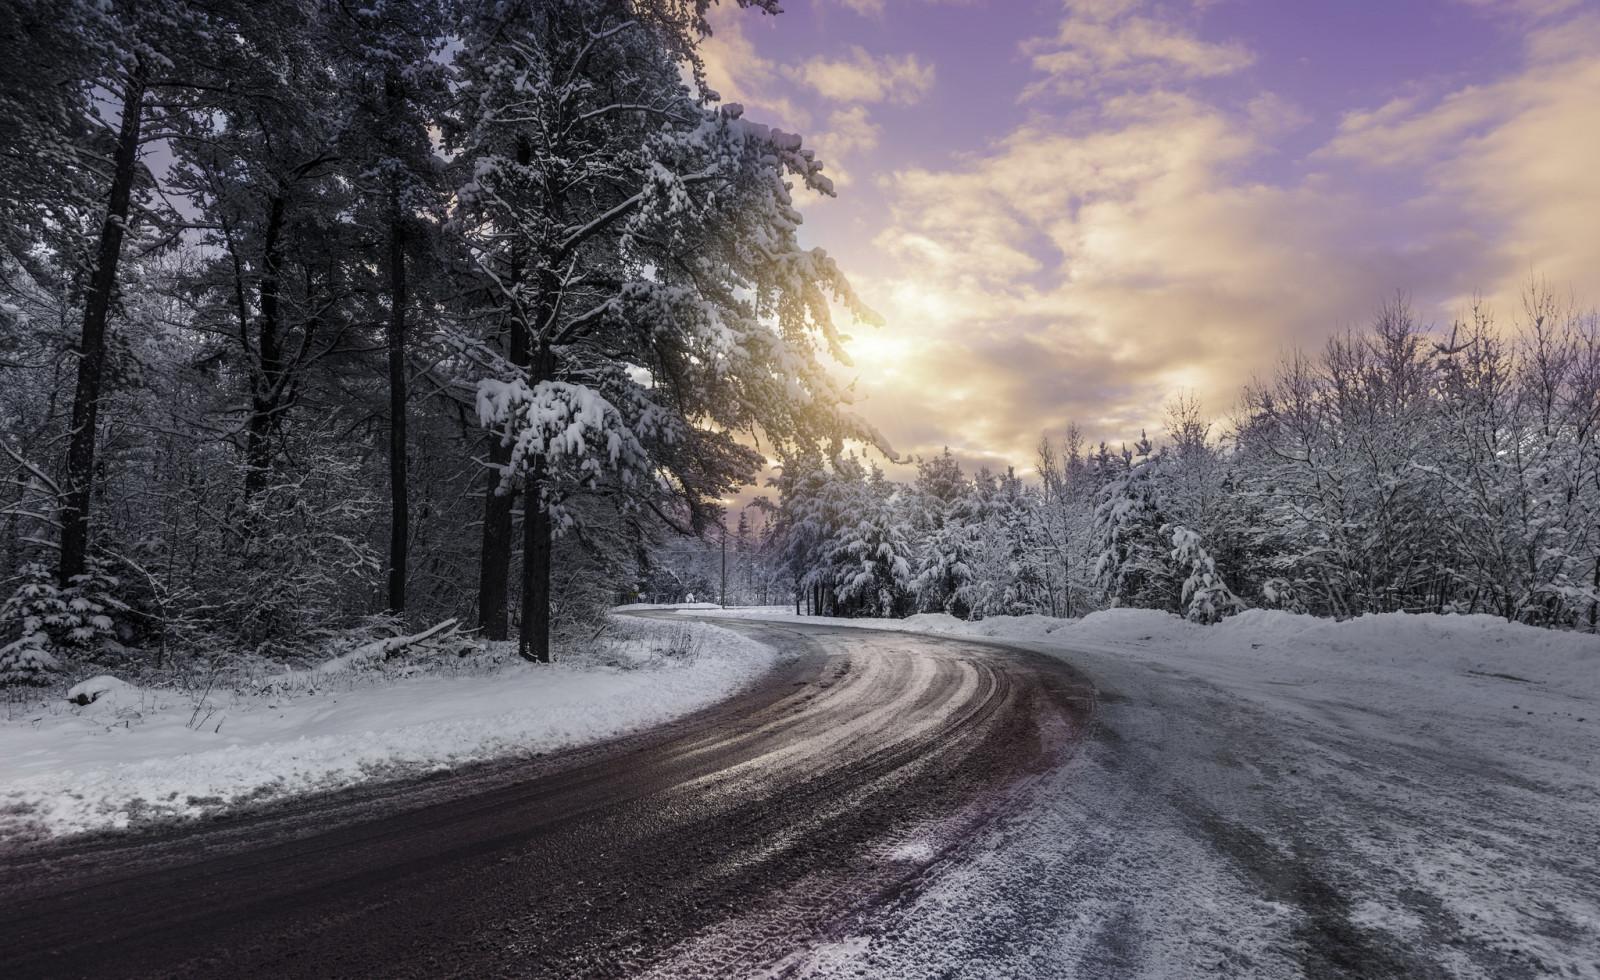 поместного дворянства, заснеженная дорога красивые фото они военных